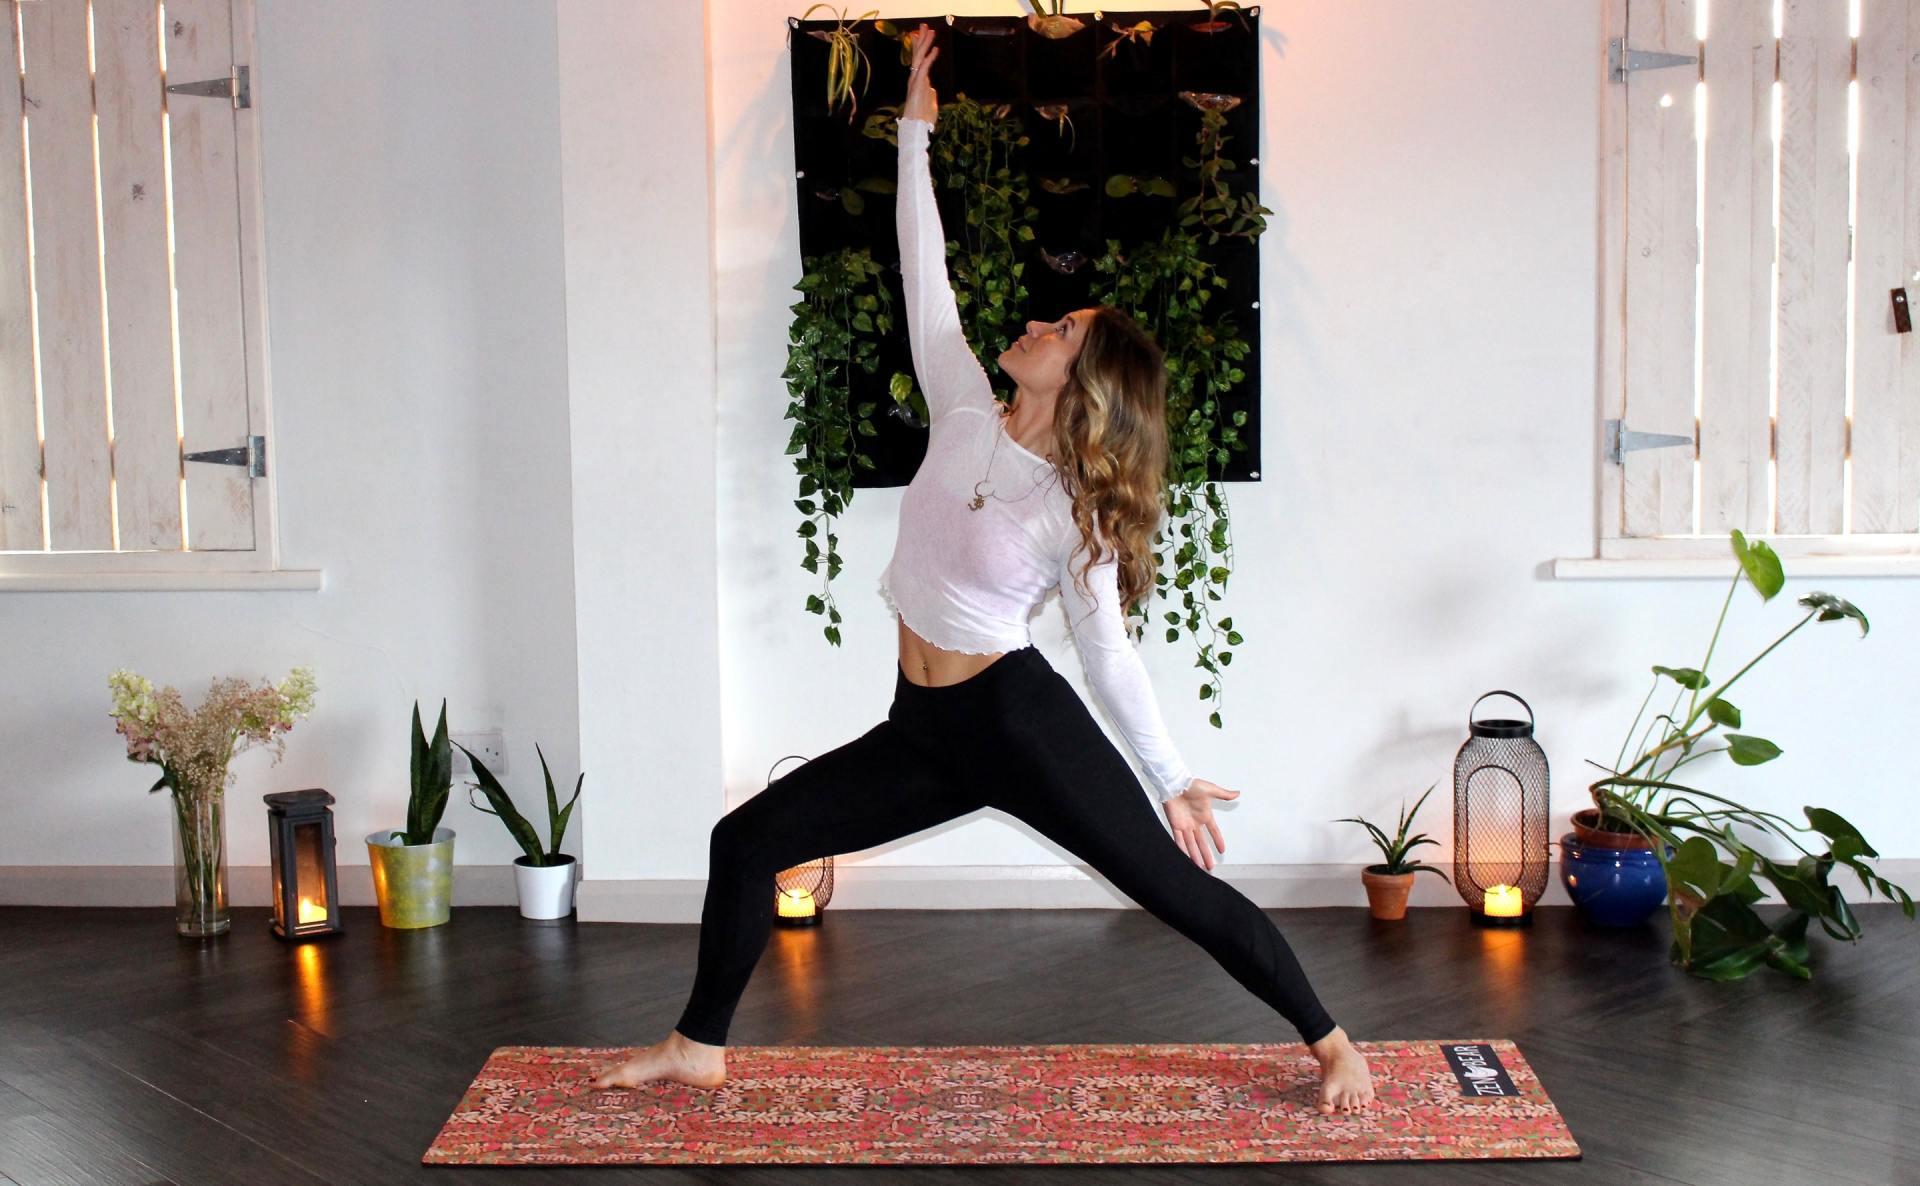 Hot Yoga Carle Place Bikram Yoga Carle Place Hot Yoga 4 You Carle Place Nassau County Long Island Ny